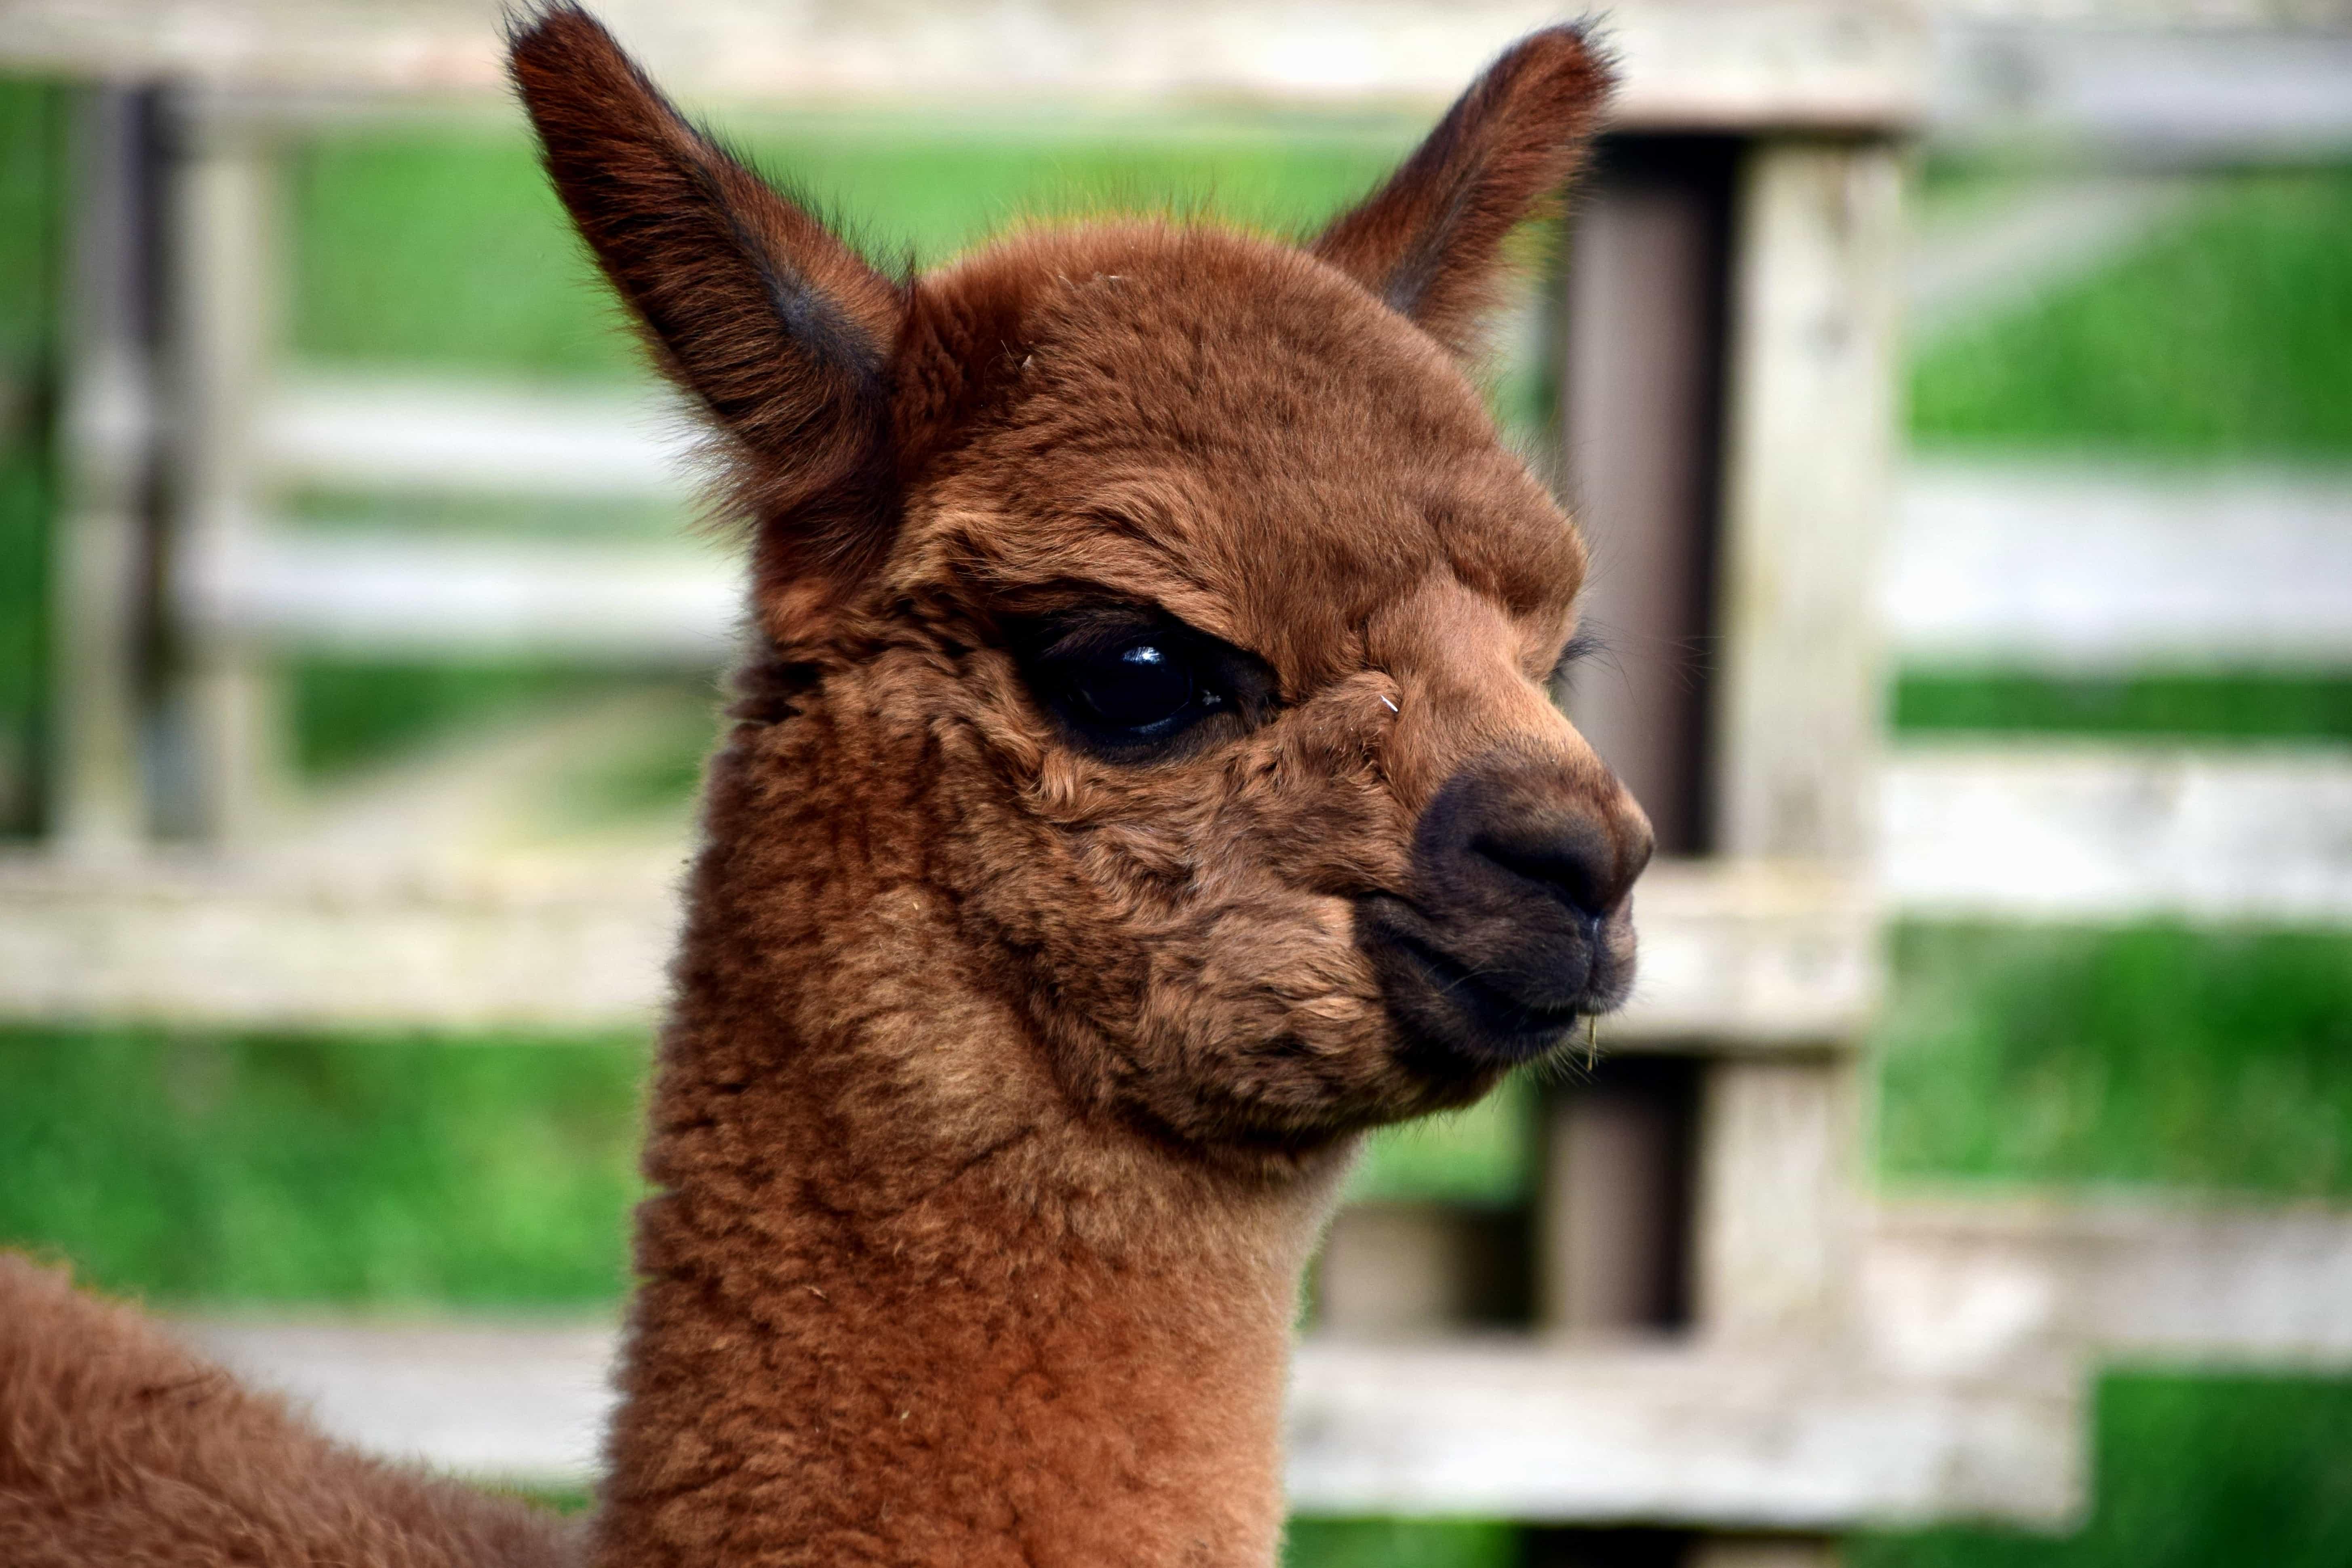 Image libre animal mignon portrait brun nature lama - Animal mignon ...